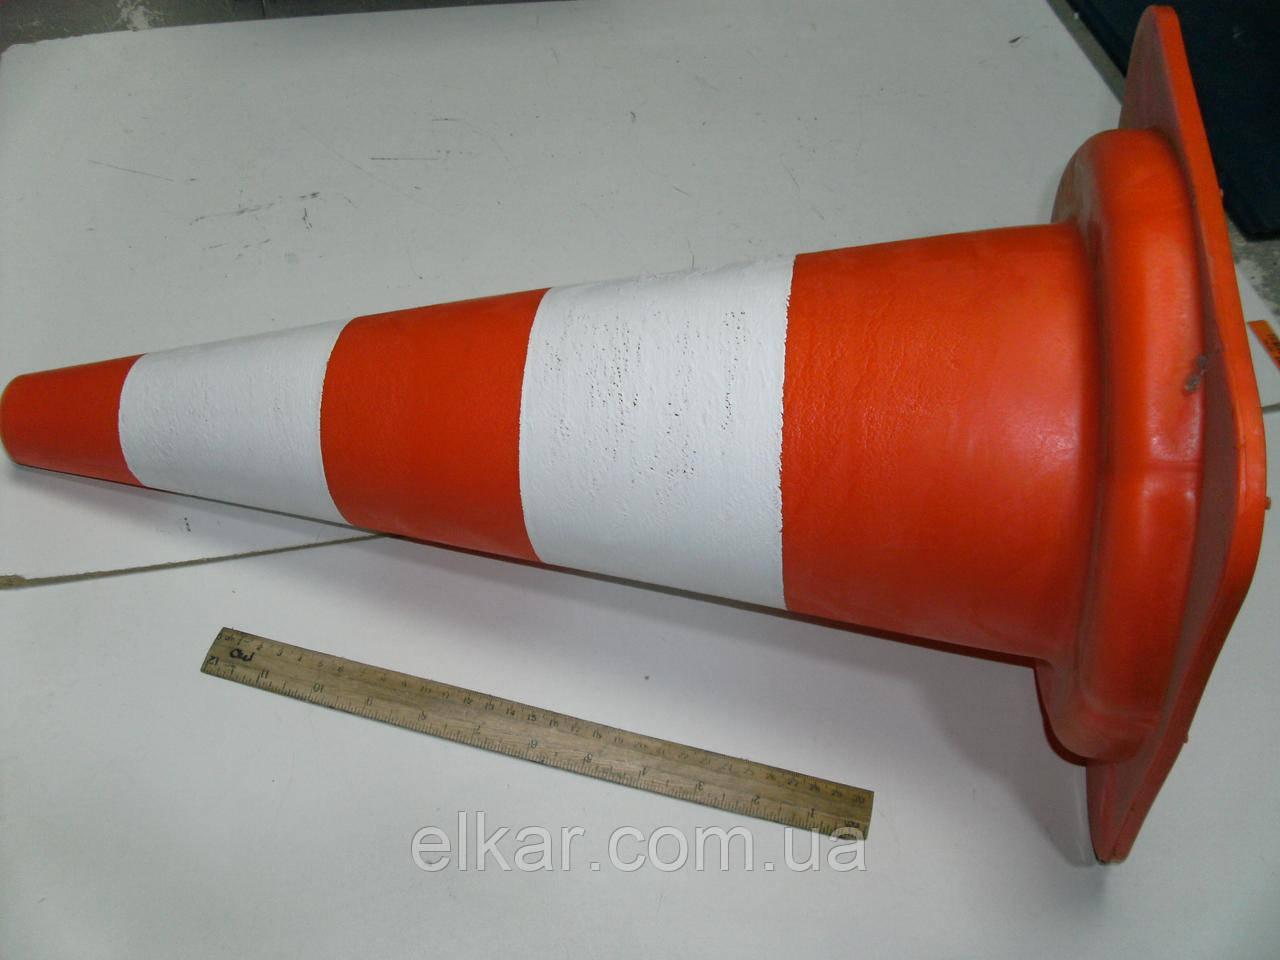 Конус попереджувальний червонй з двома білими полосами H=54см